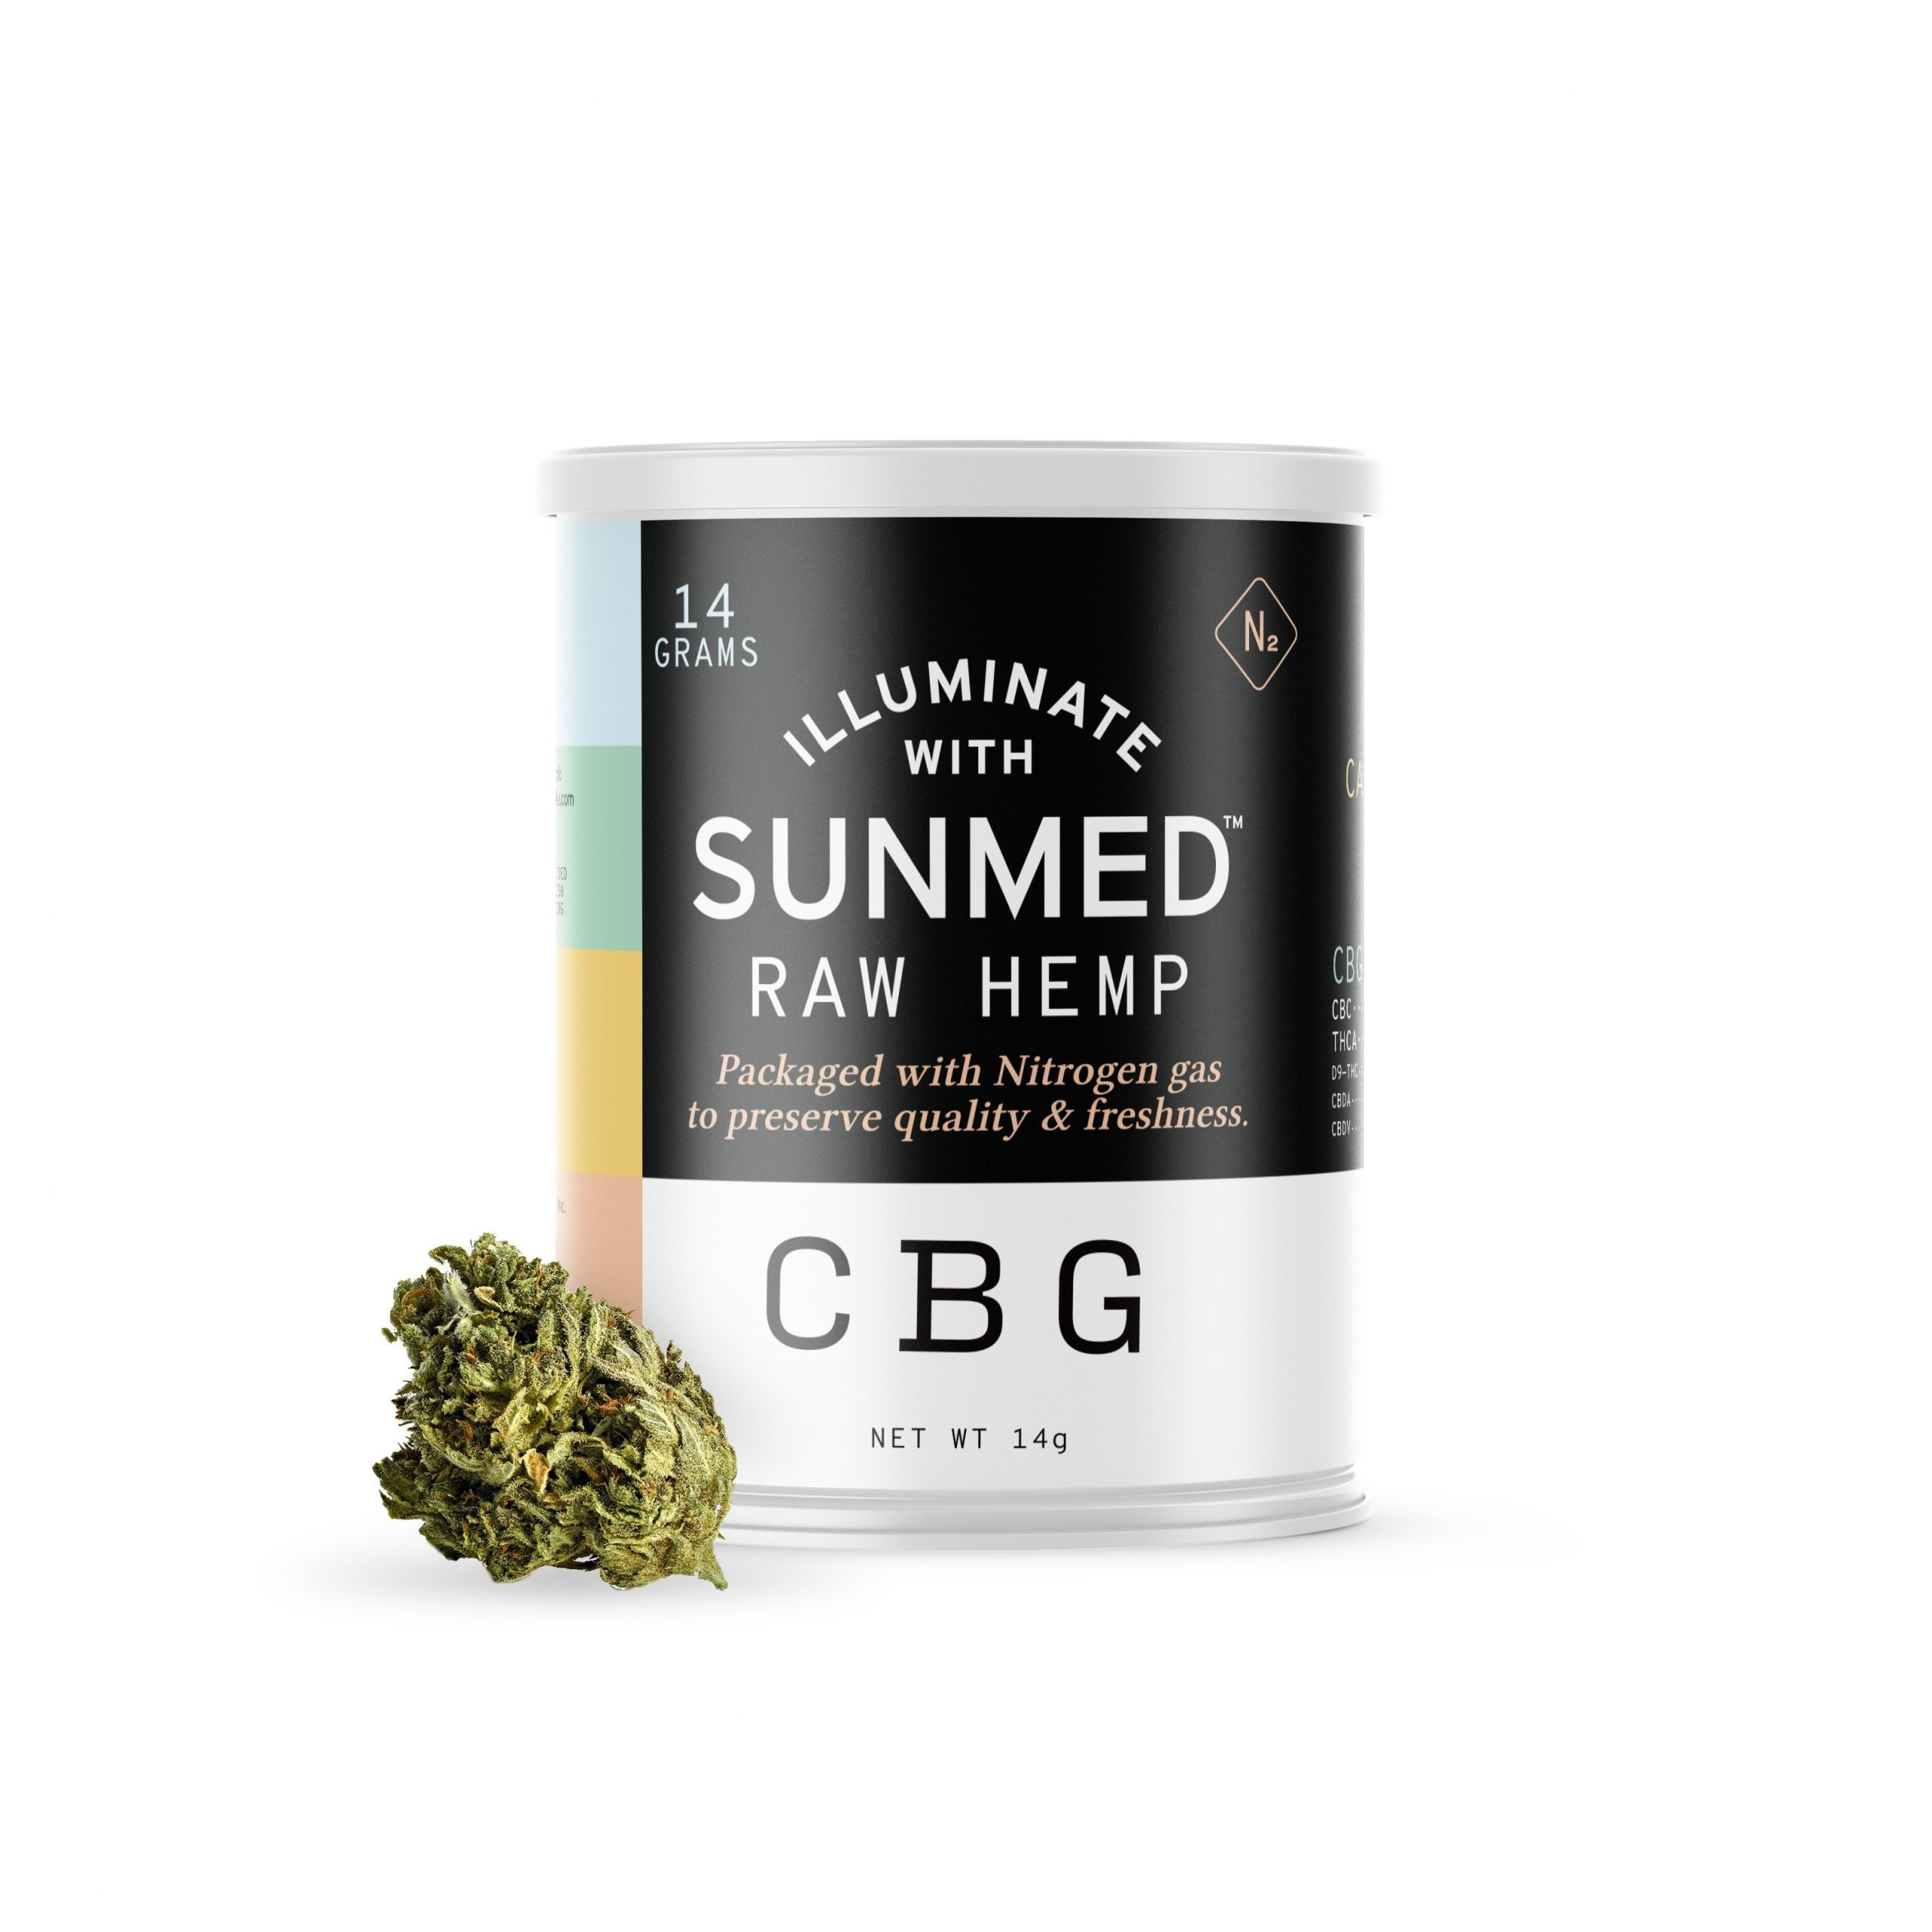 Sunmed CBD Flower CBG buy online fort worth sunmed fort worth cbd store buy cbd oil online cannabinoid oil